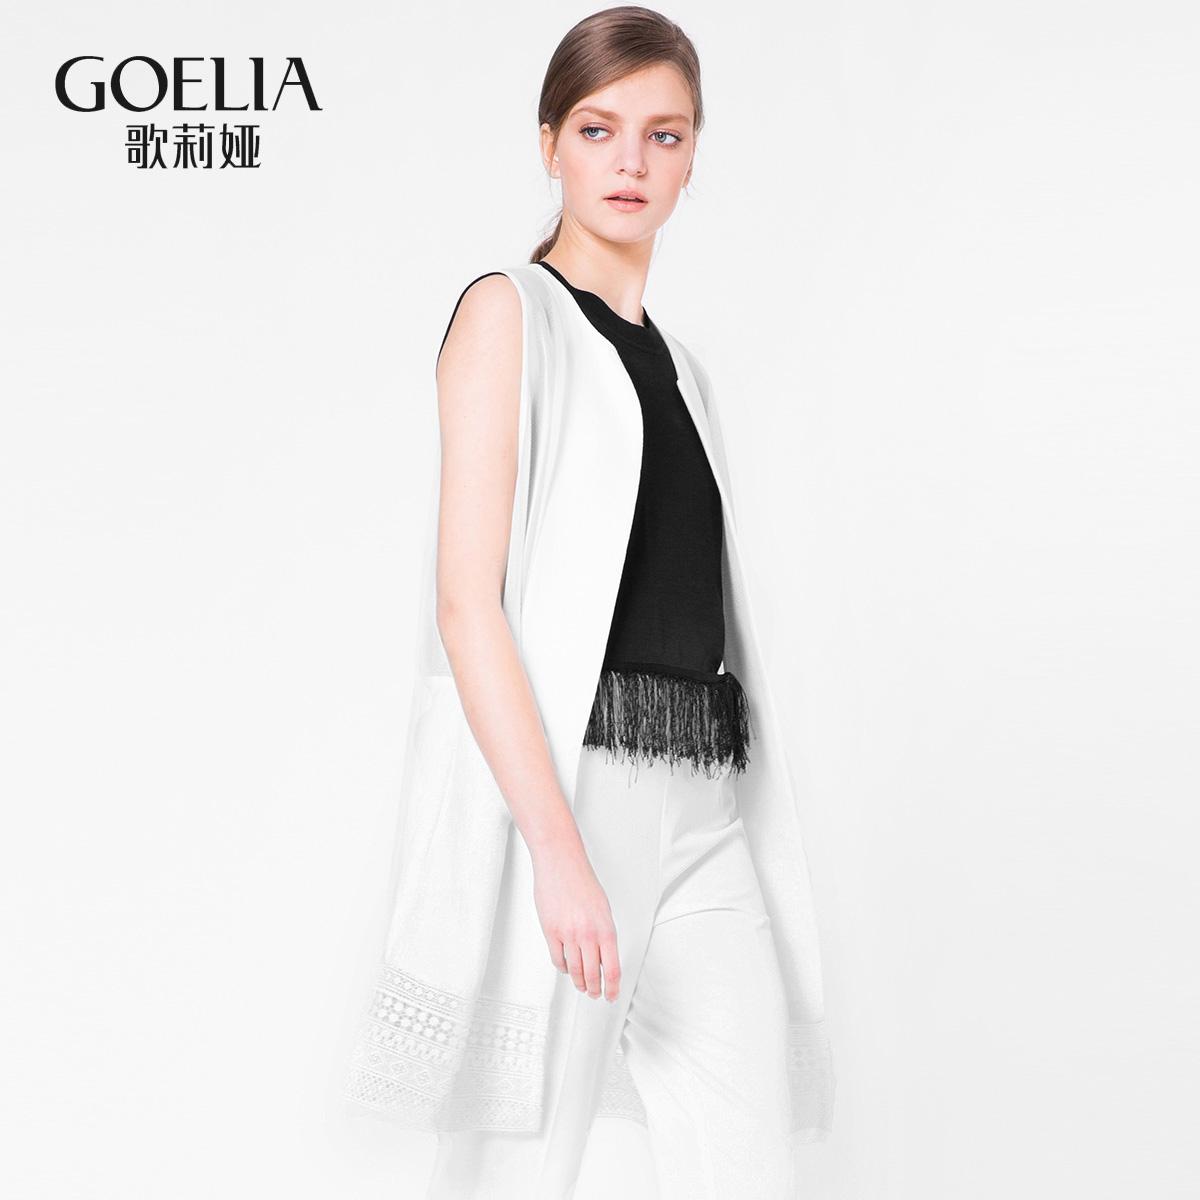 歌莉娅女装 GLORIA歌莉娅女装 针织衫开衫直身马甲女长164C6A060_推荐淘宝好看的歌莉娅